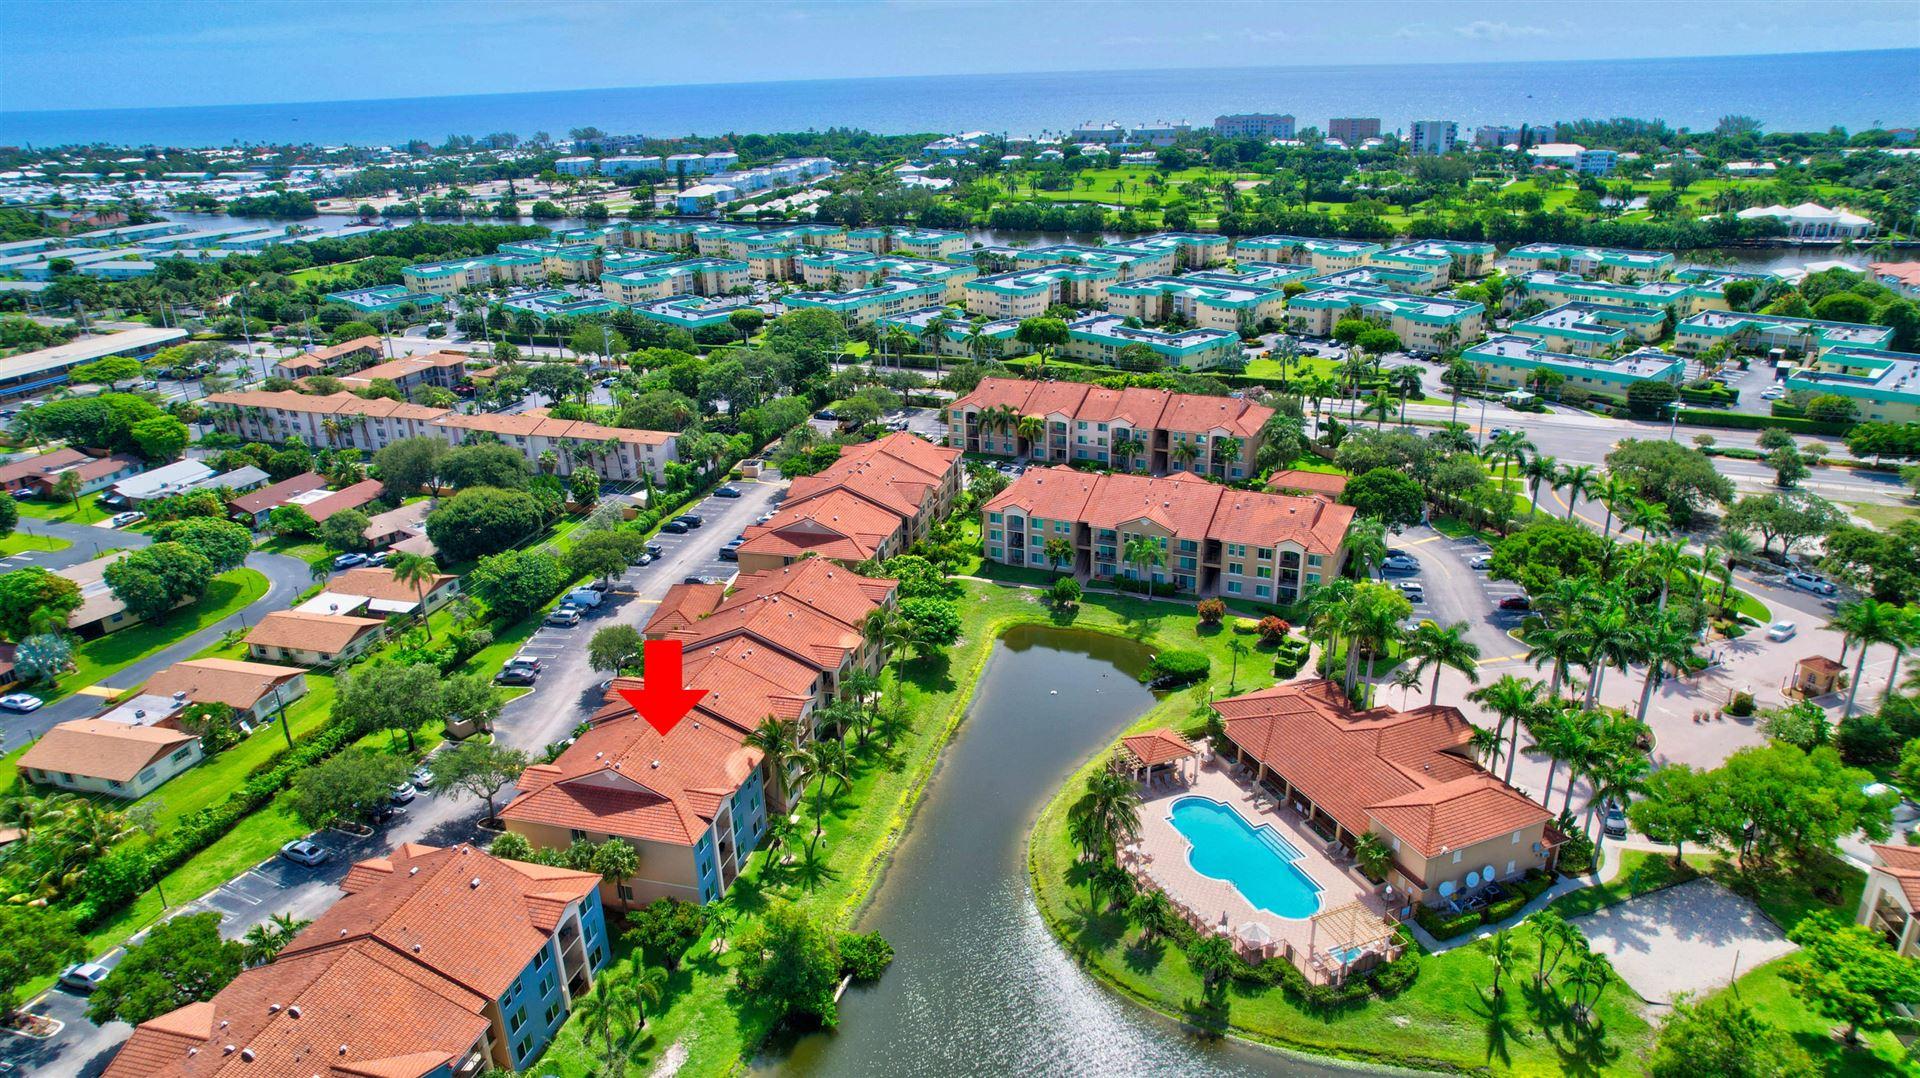 423 Villa Circle #423, Boynton Beach, FL 33435 - MLS#: RX-10731217